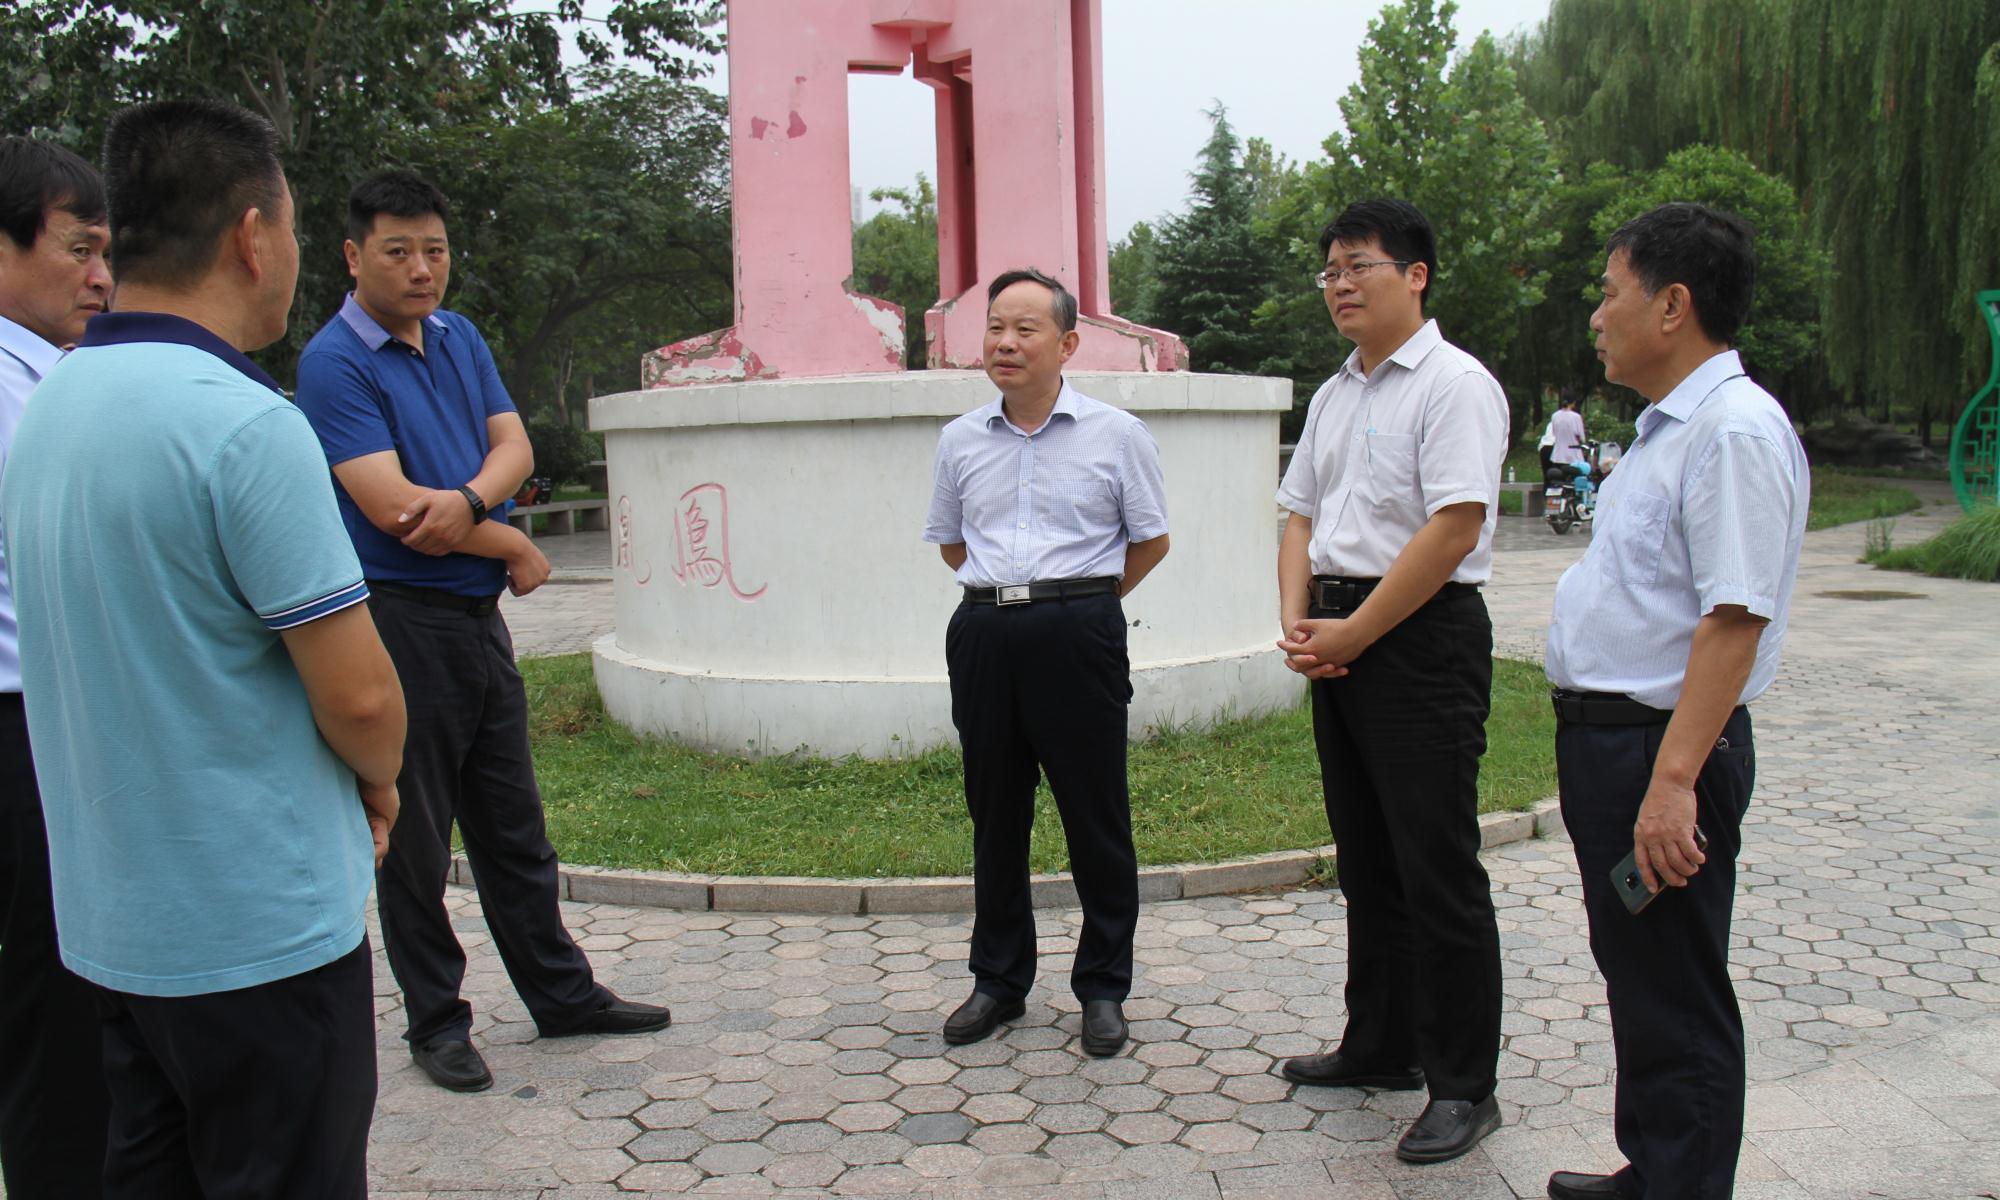 聊城高新区:刘培国现场督导全国文明城市创建工作